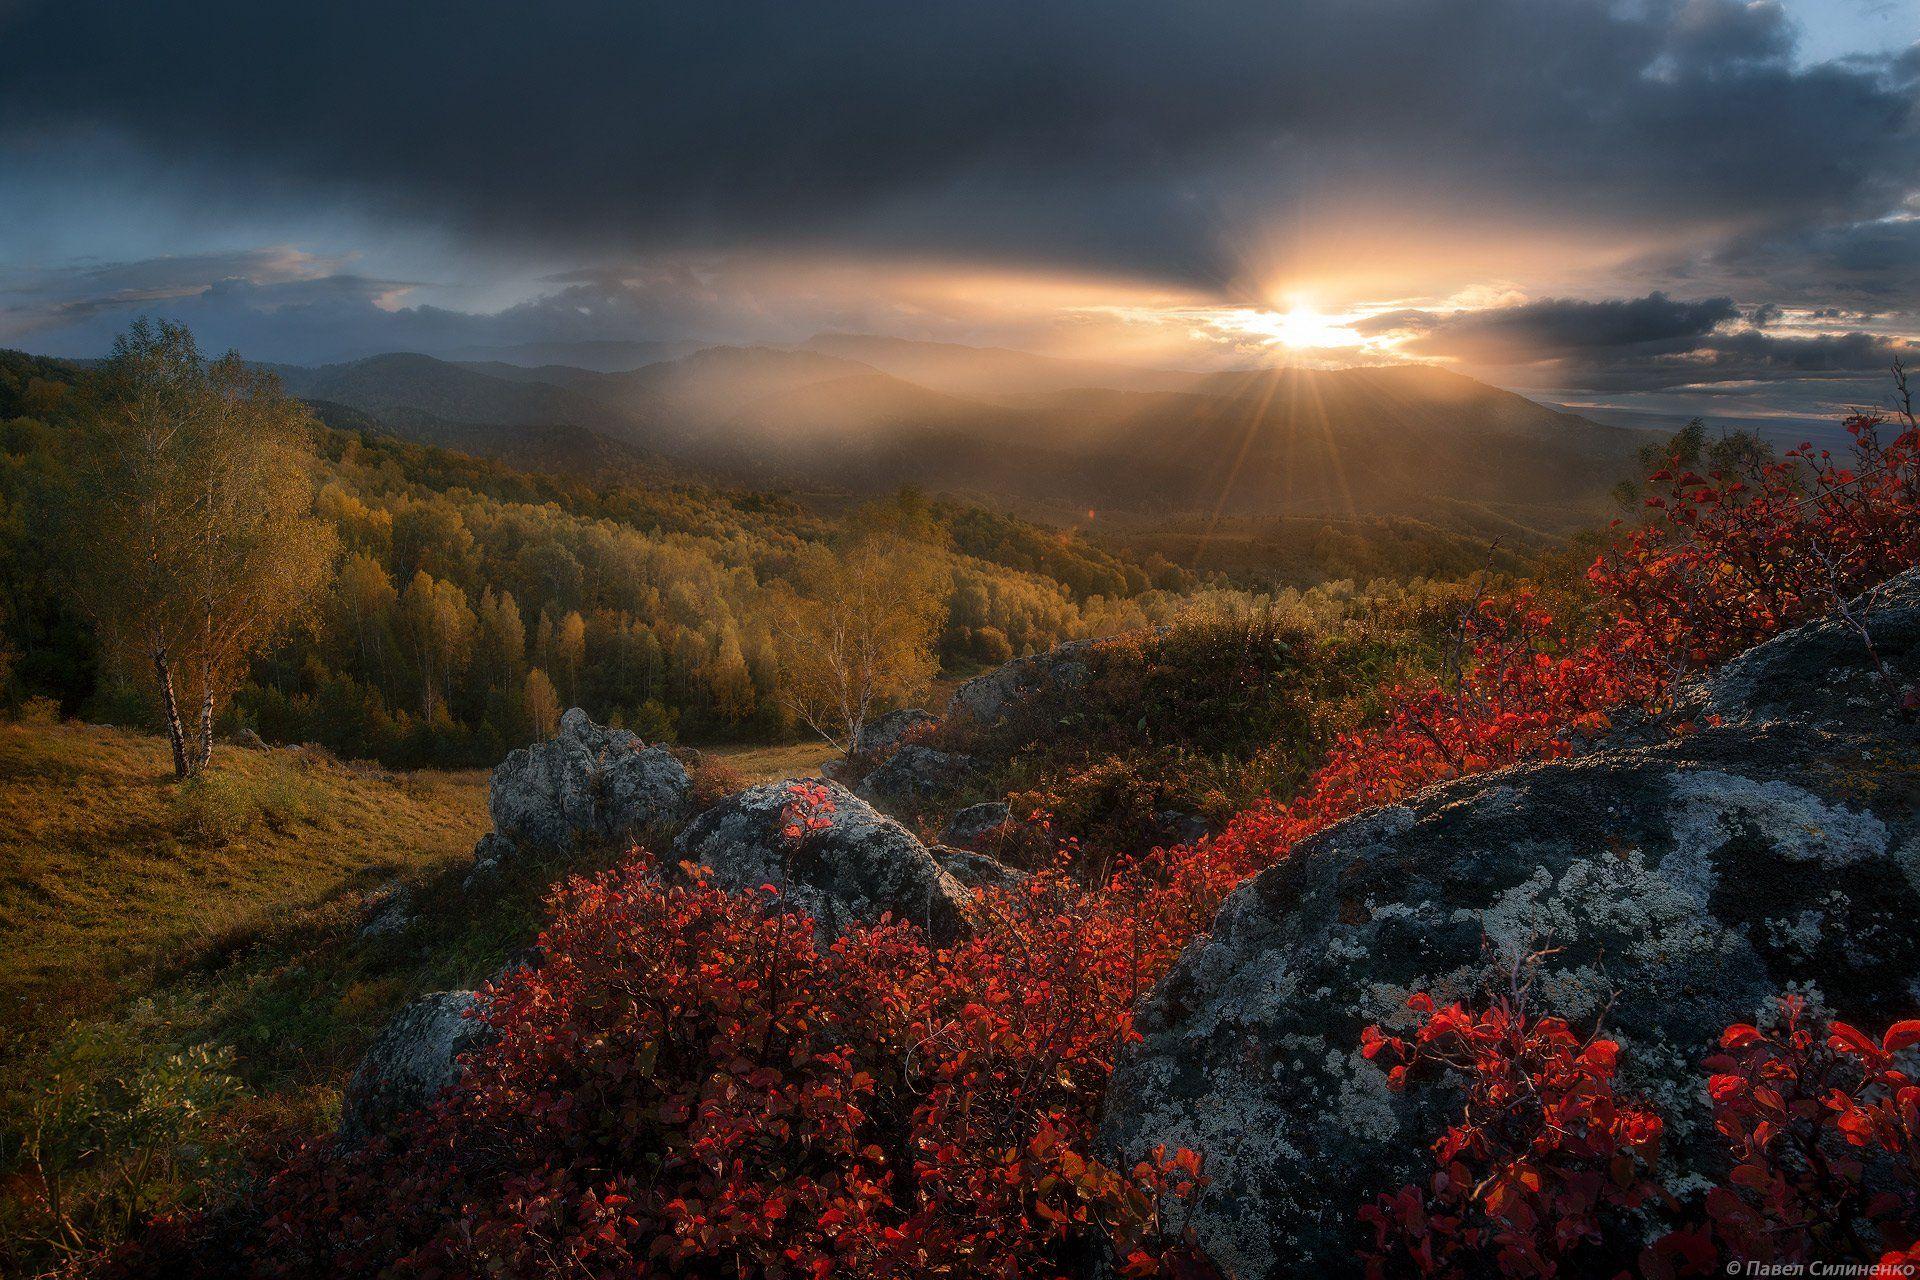 алтай, белокуриха, осень, закат, облака, солнце, горы, лес, пейзаж, свет, Павел Силиненко